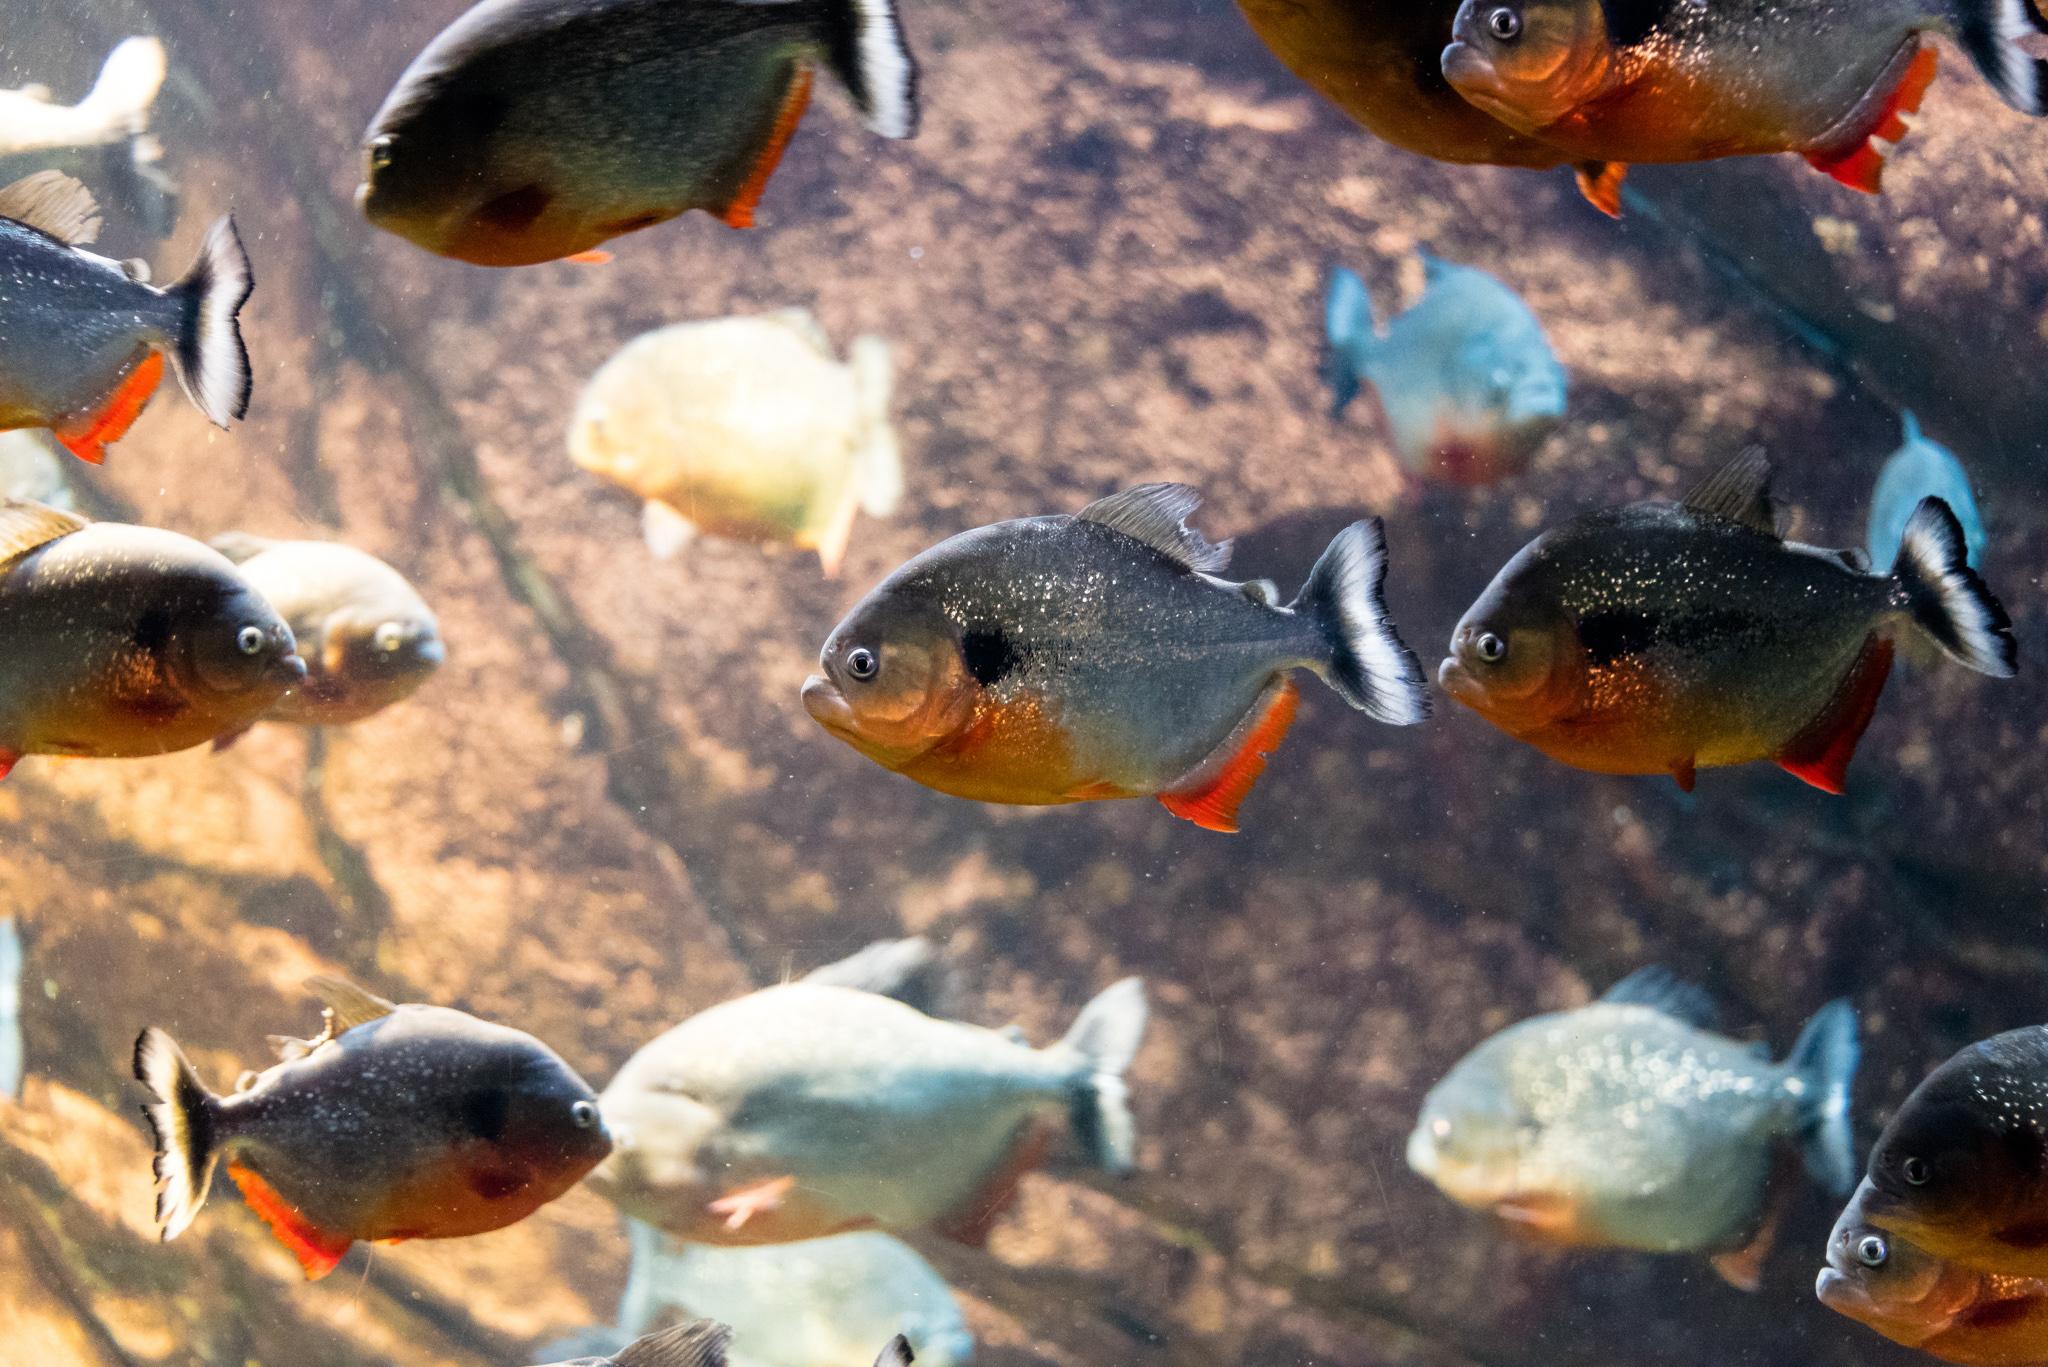 2017-04-23 - The Georgia Aquarium - 057